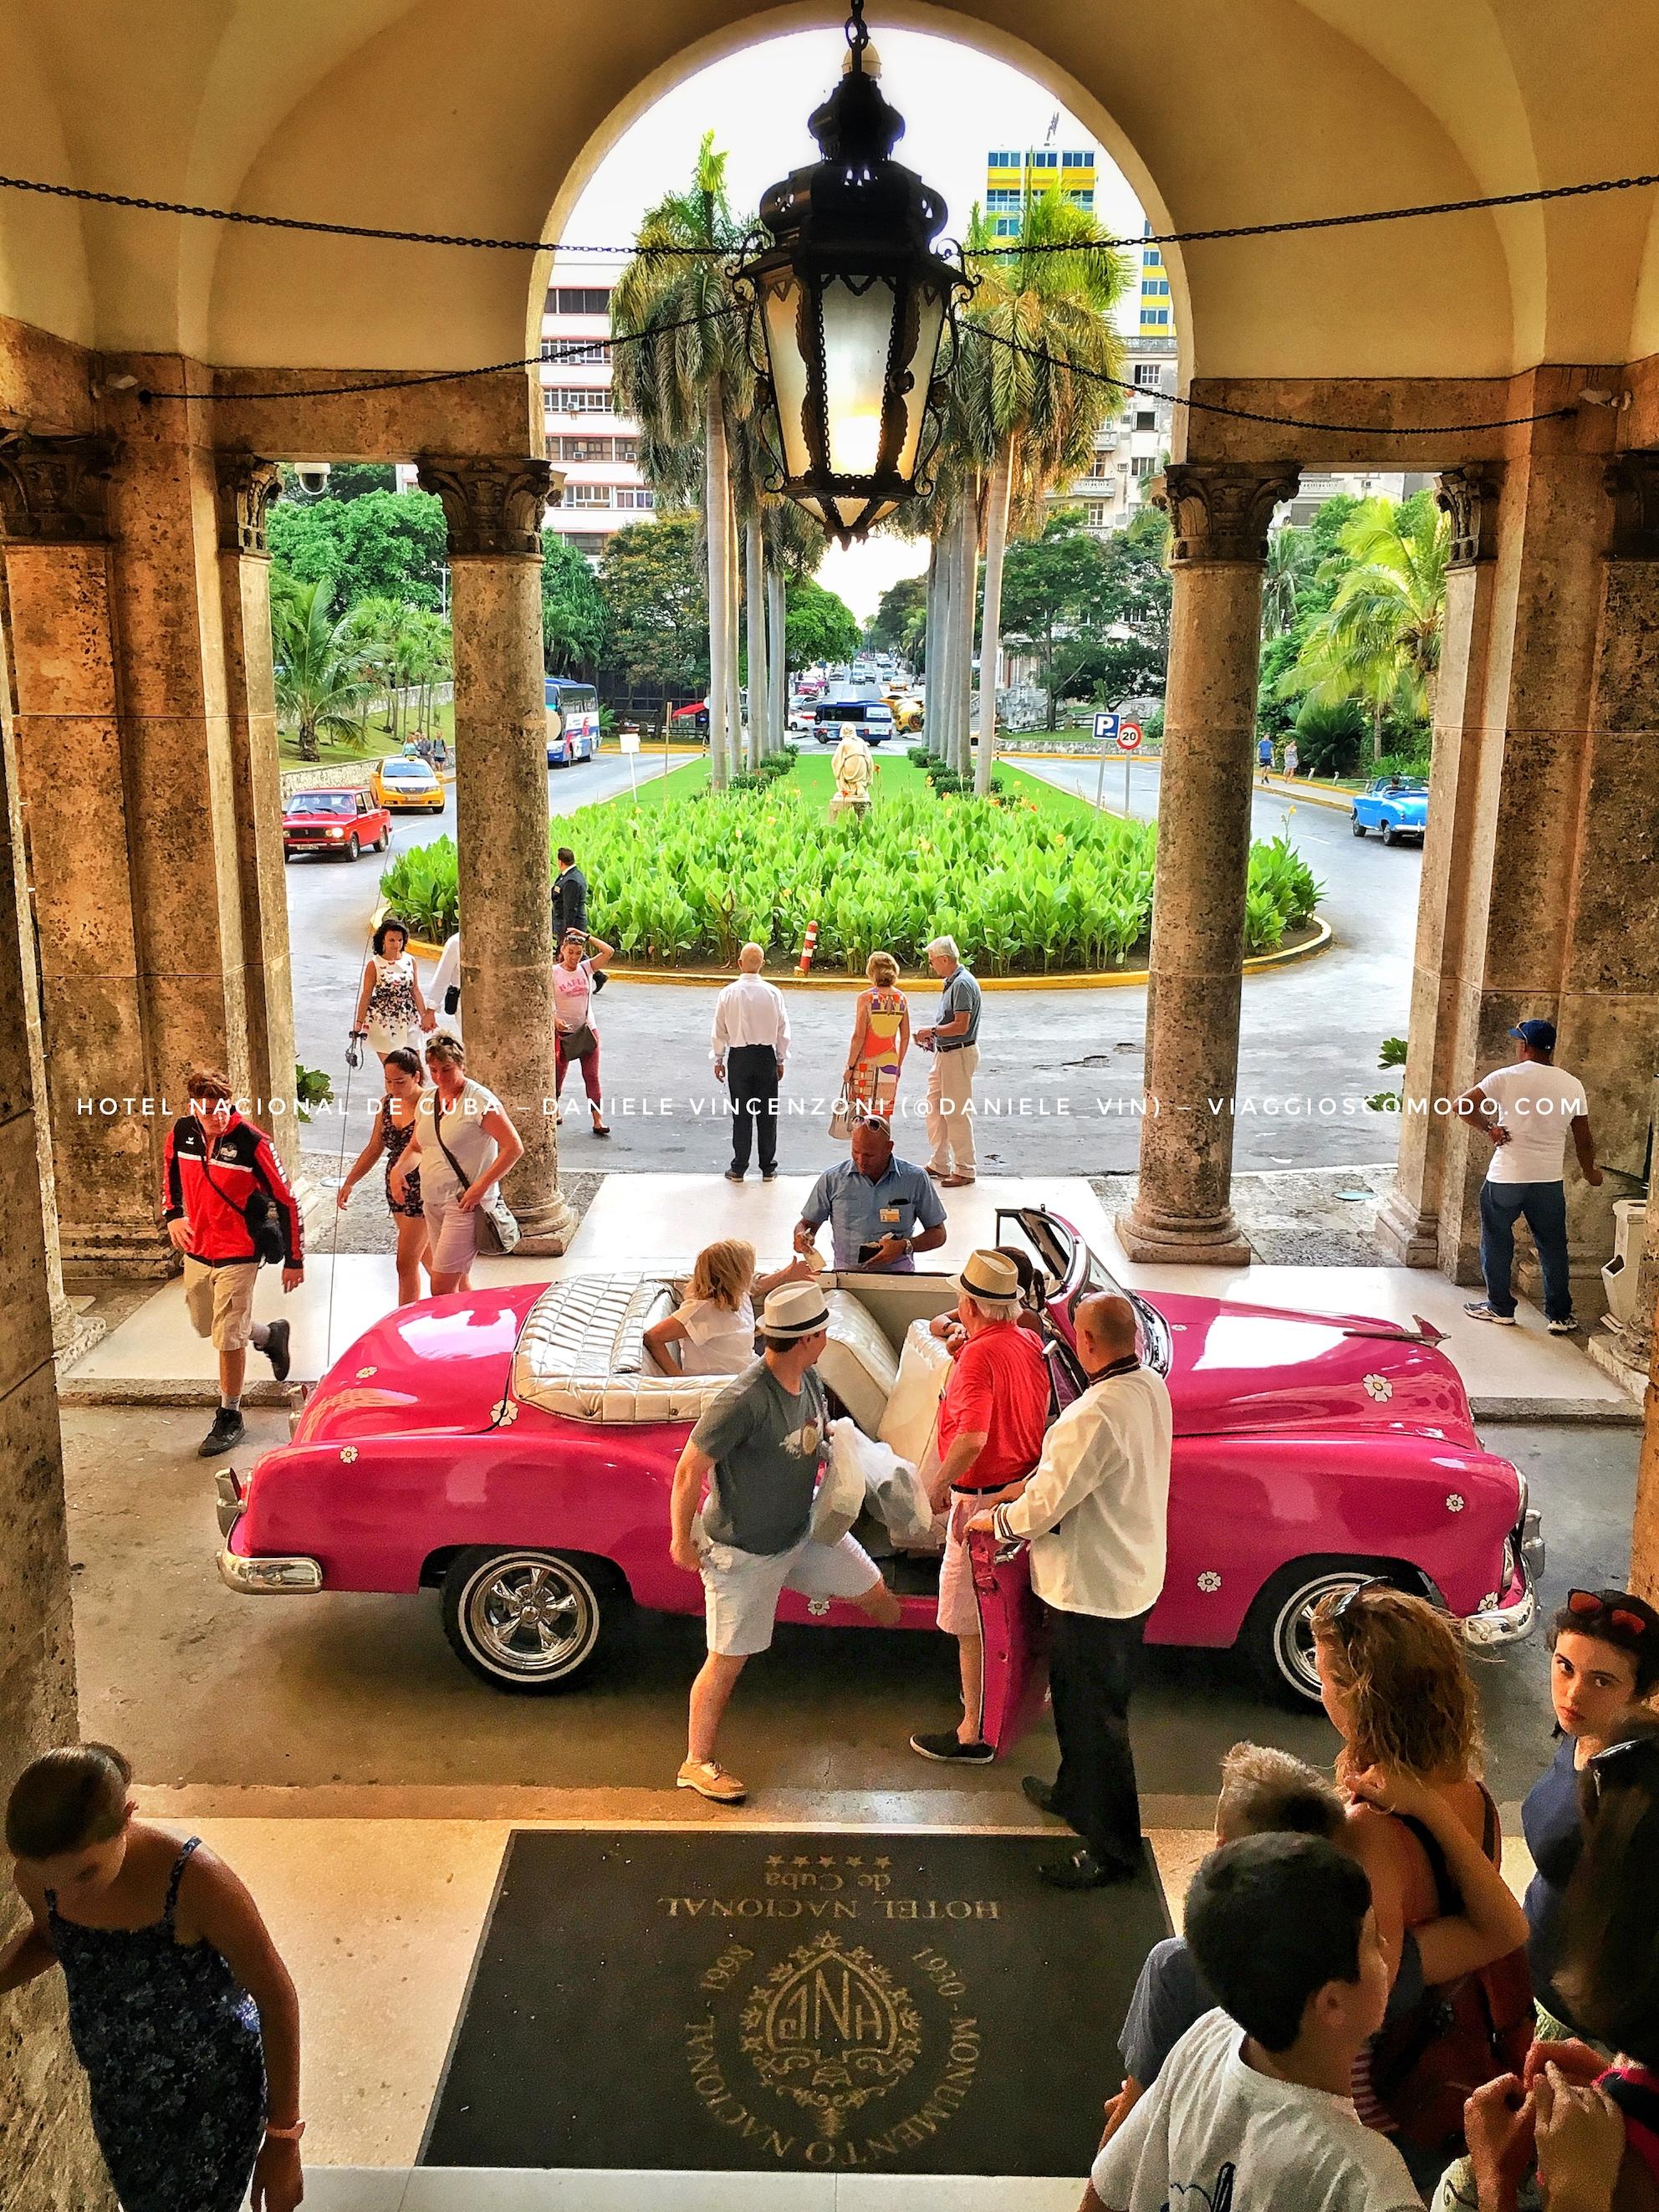 Hotel Nacional de Cuba - Vedado, L'Avana